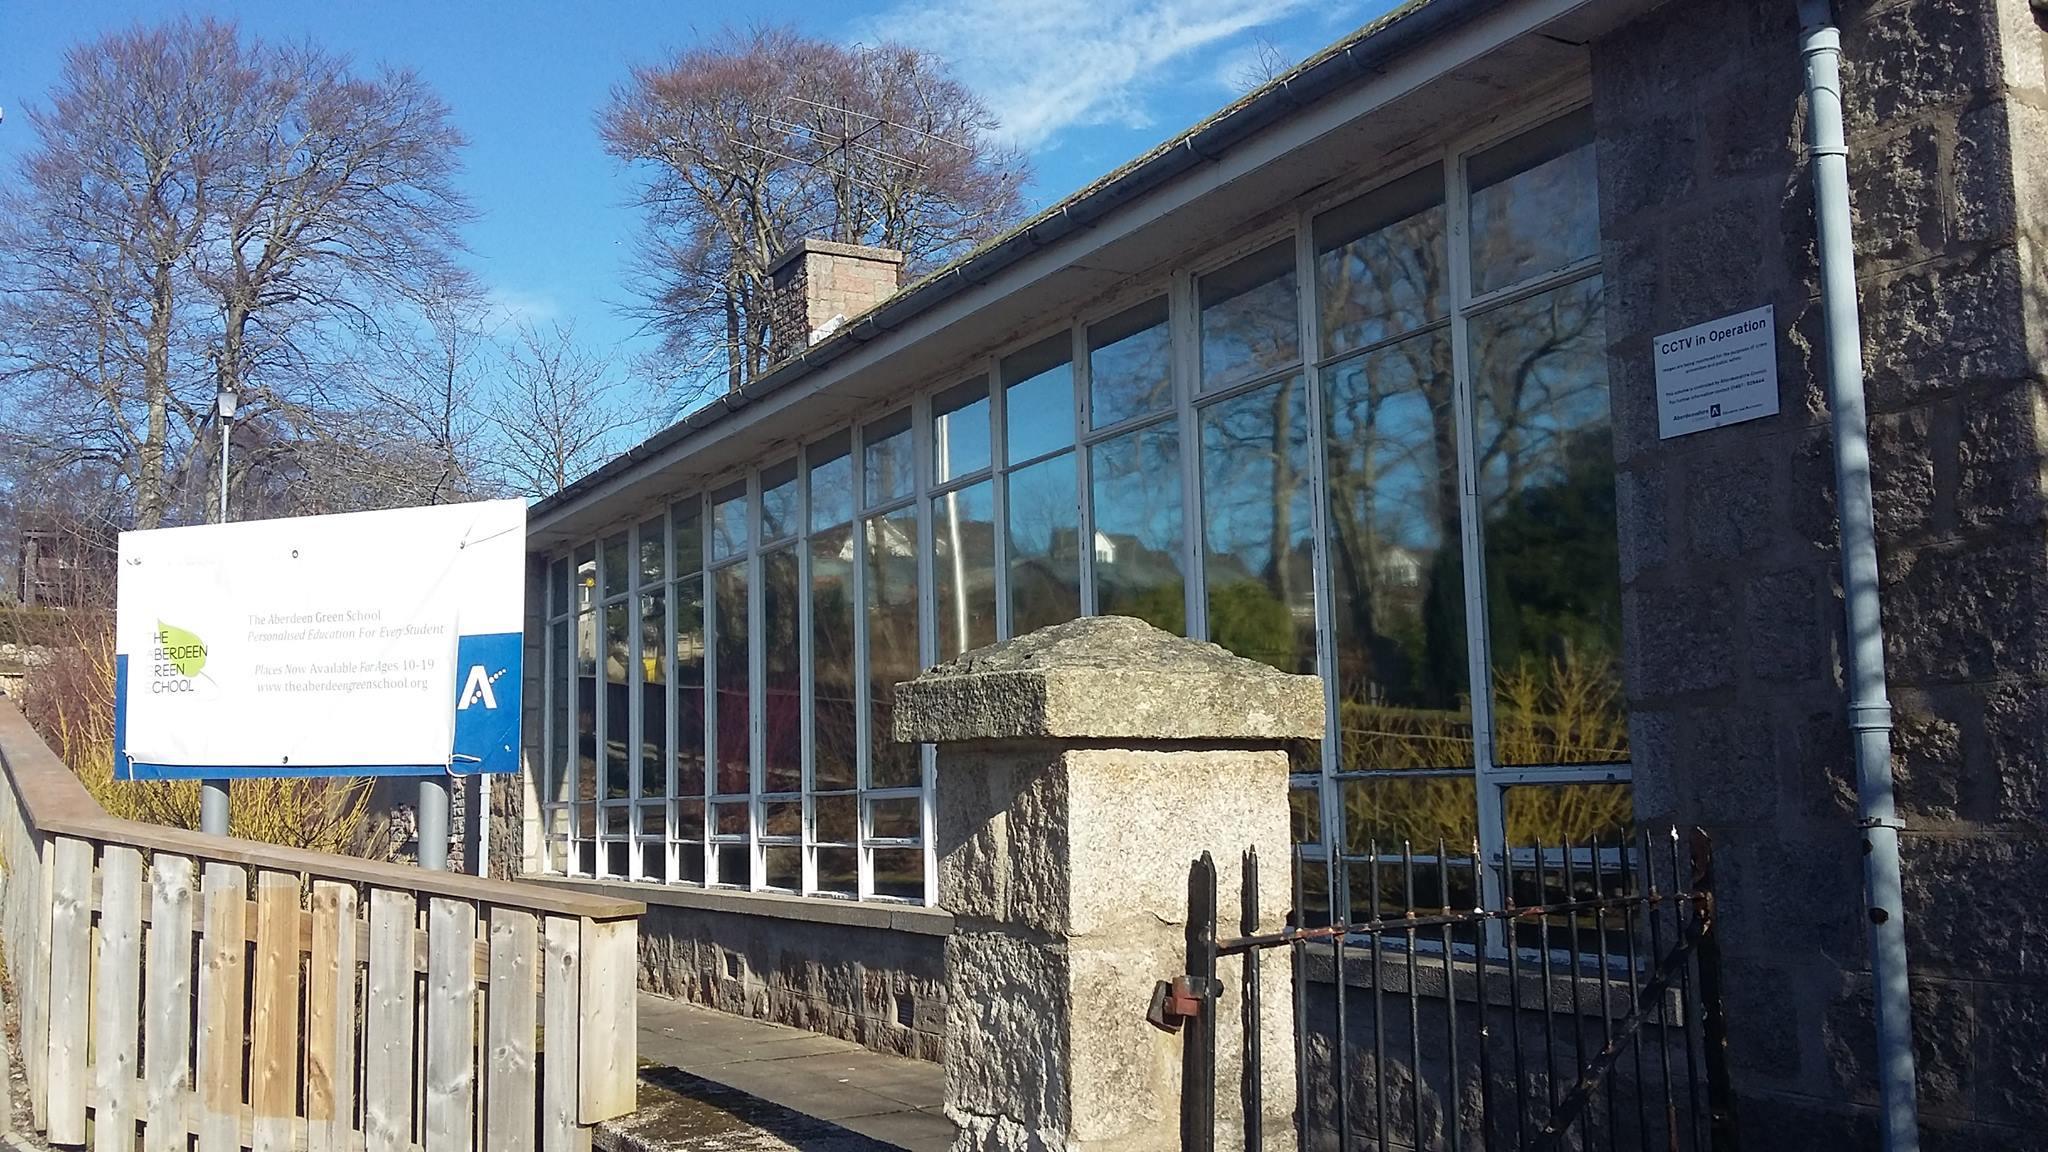 The Aberdeen Green School has taken over the old Drumoak Primary school building